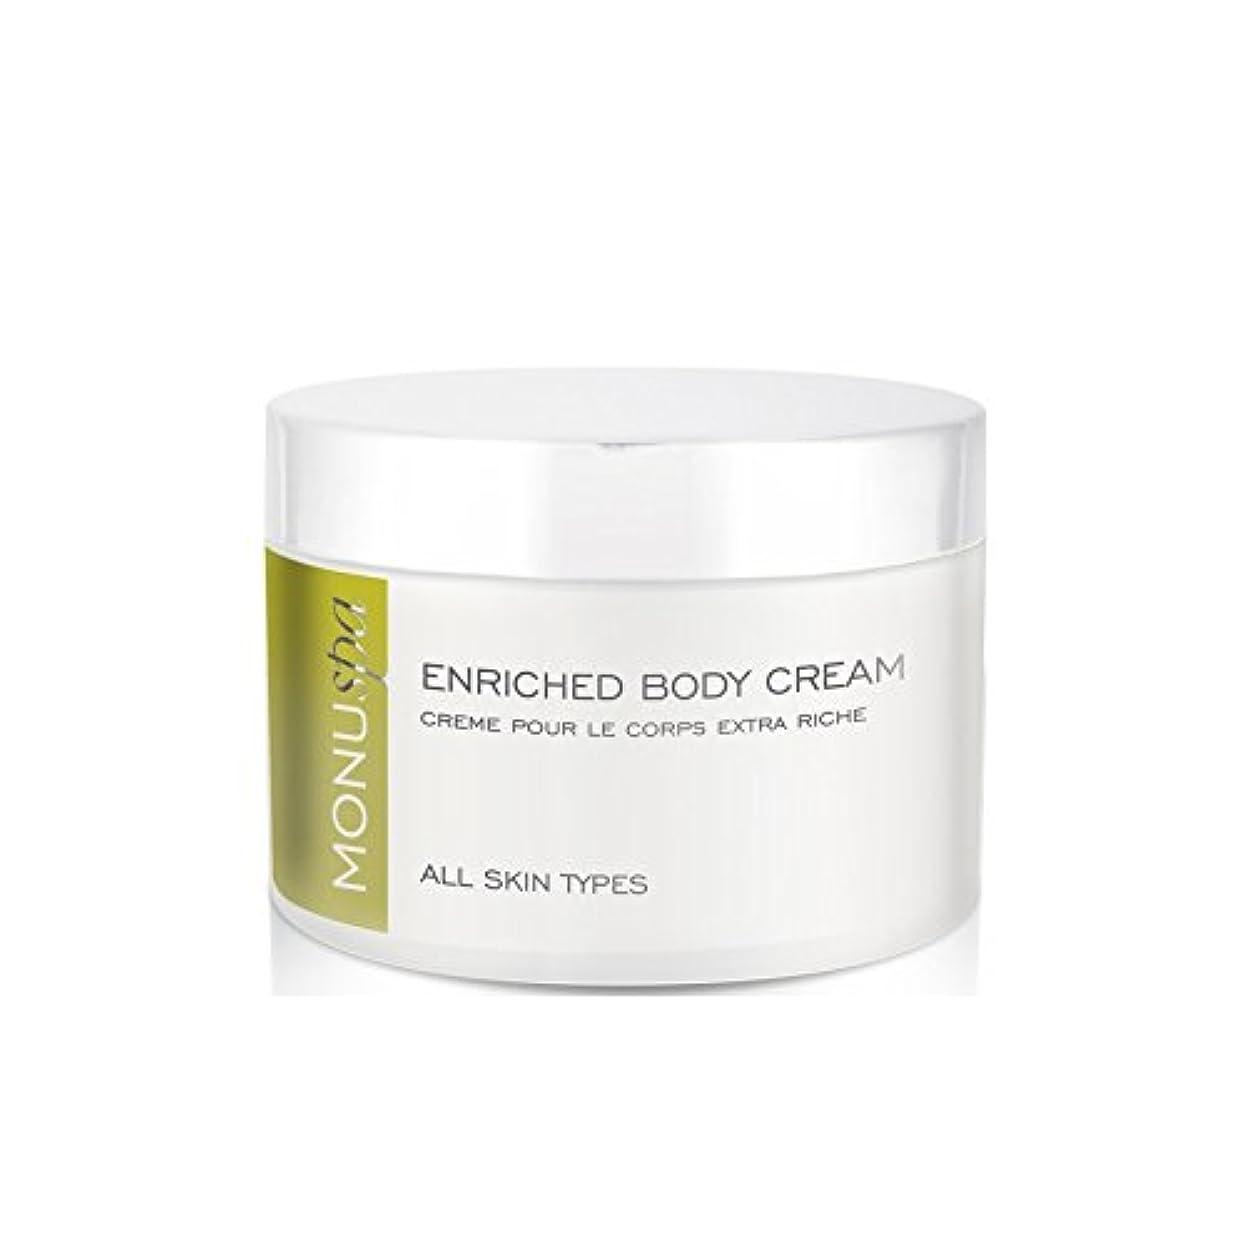 引用孤独な宿泊濃縮ボディクリーム200ミリリットル x4 - MONUspa Enriched Body Cream 200ml (Pack of 4) [並行輸入品]